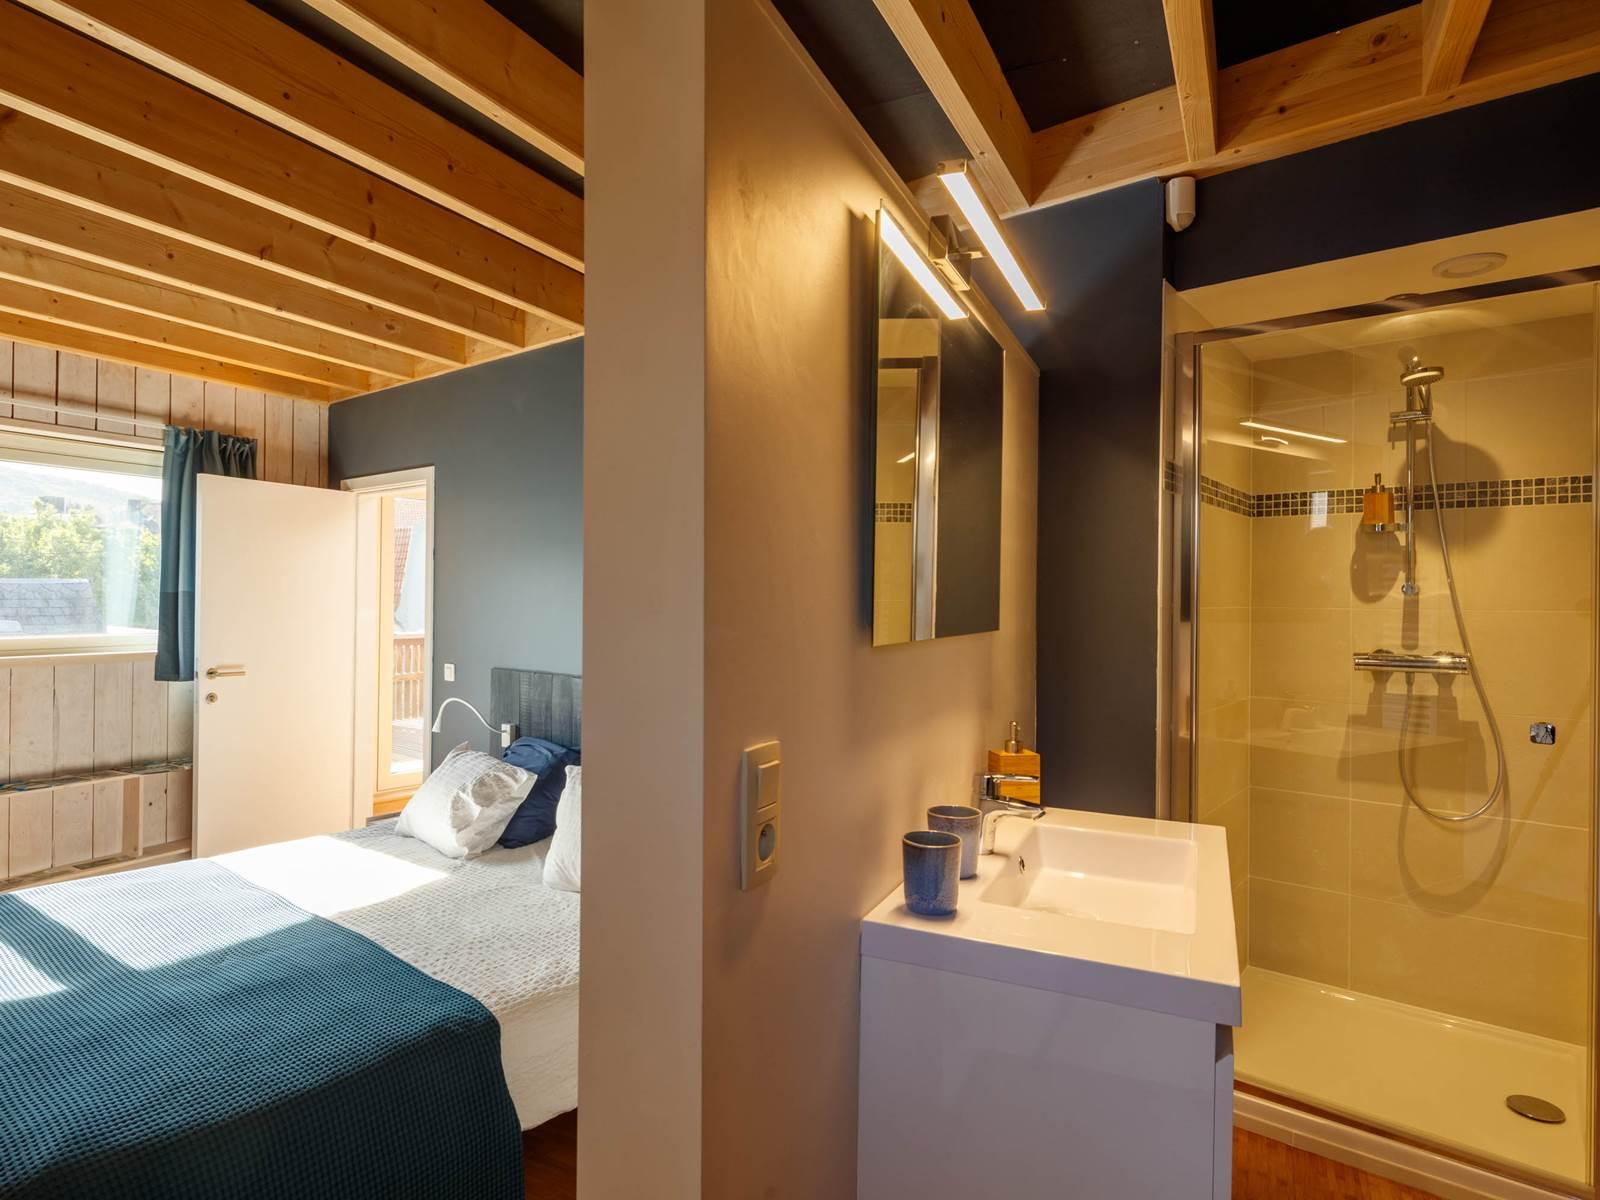 lit et salle de bain minérale